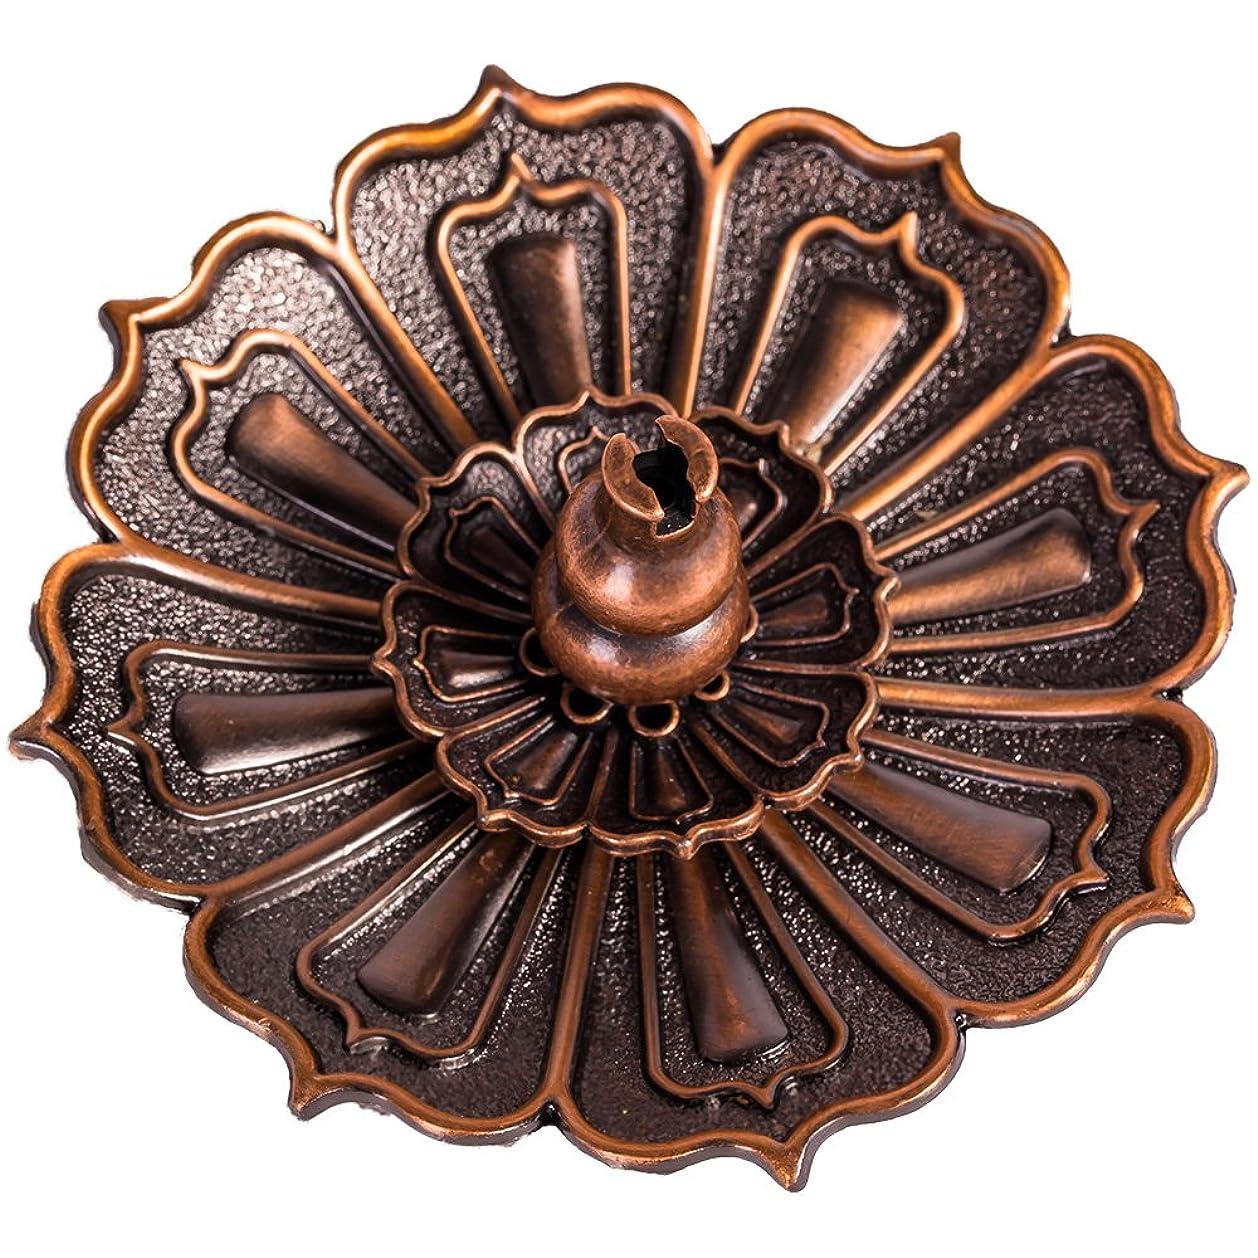 獣有用レンチshanbentangロータス香炉ホルダーfor Sticks Cones Coils Incense、ヴィンテージスタイル、銅色